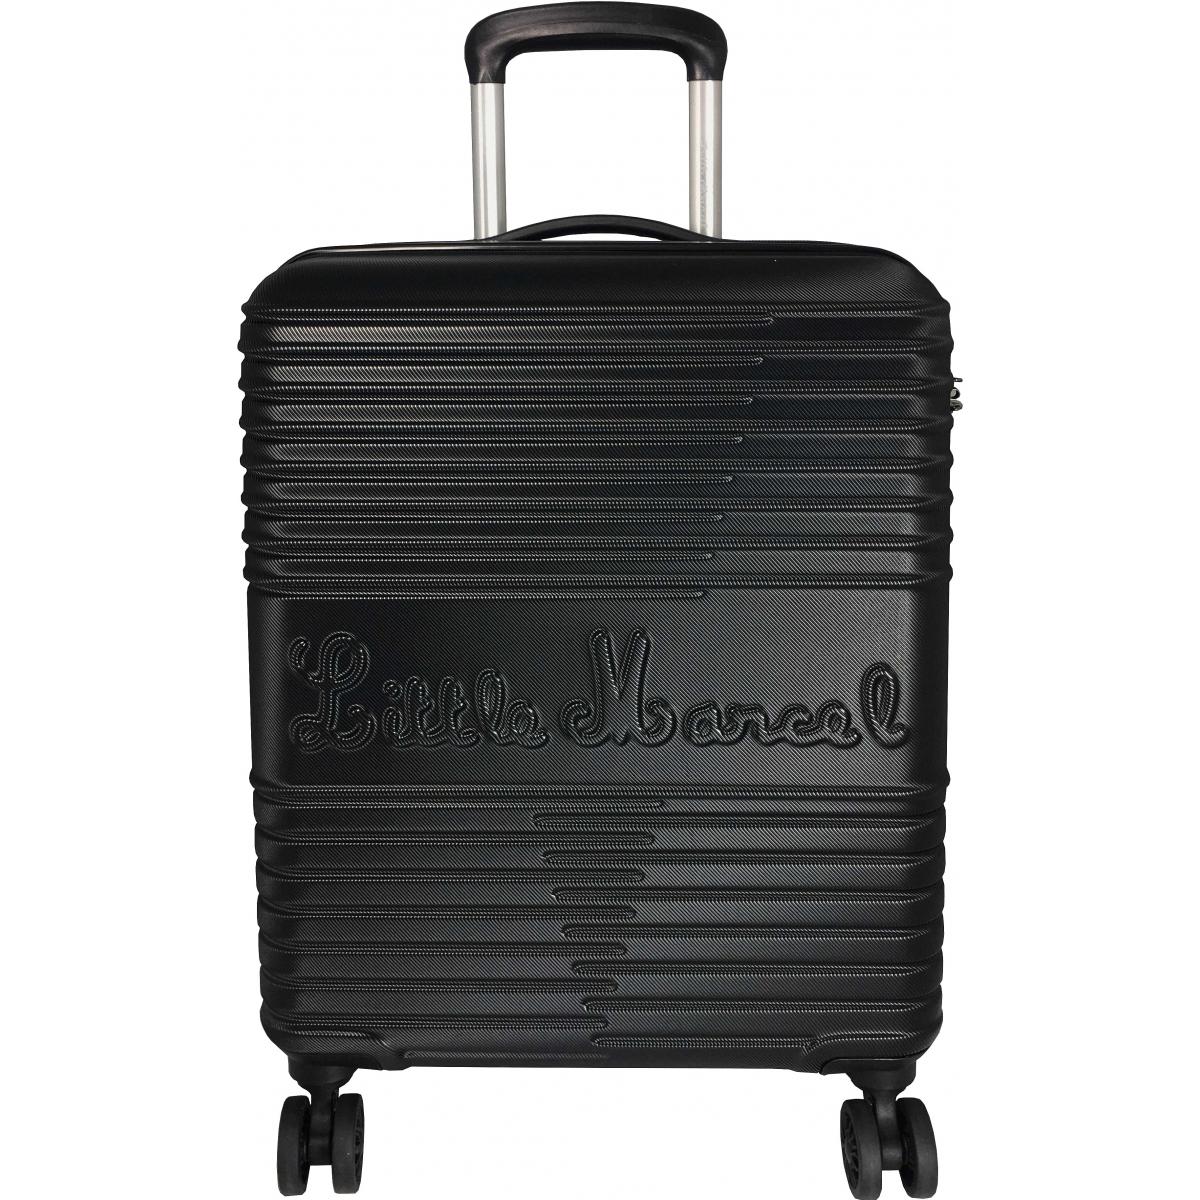 valise cabine little marcel 55 cm noir ba10201p couleur principale noir valise pas. Black Bedroom Furniture Sets. Home Design Ideas